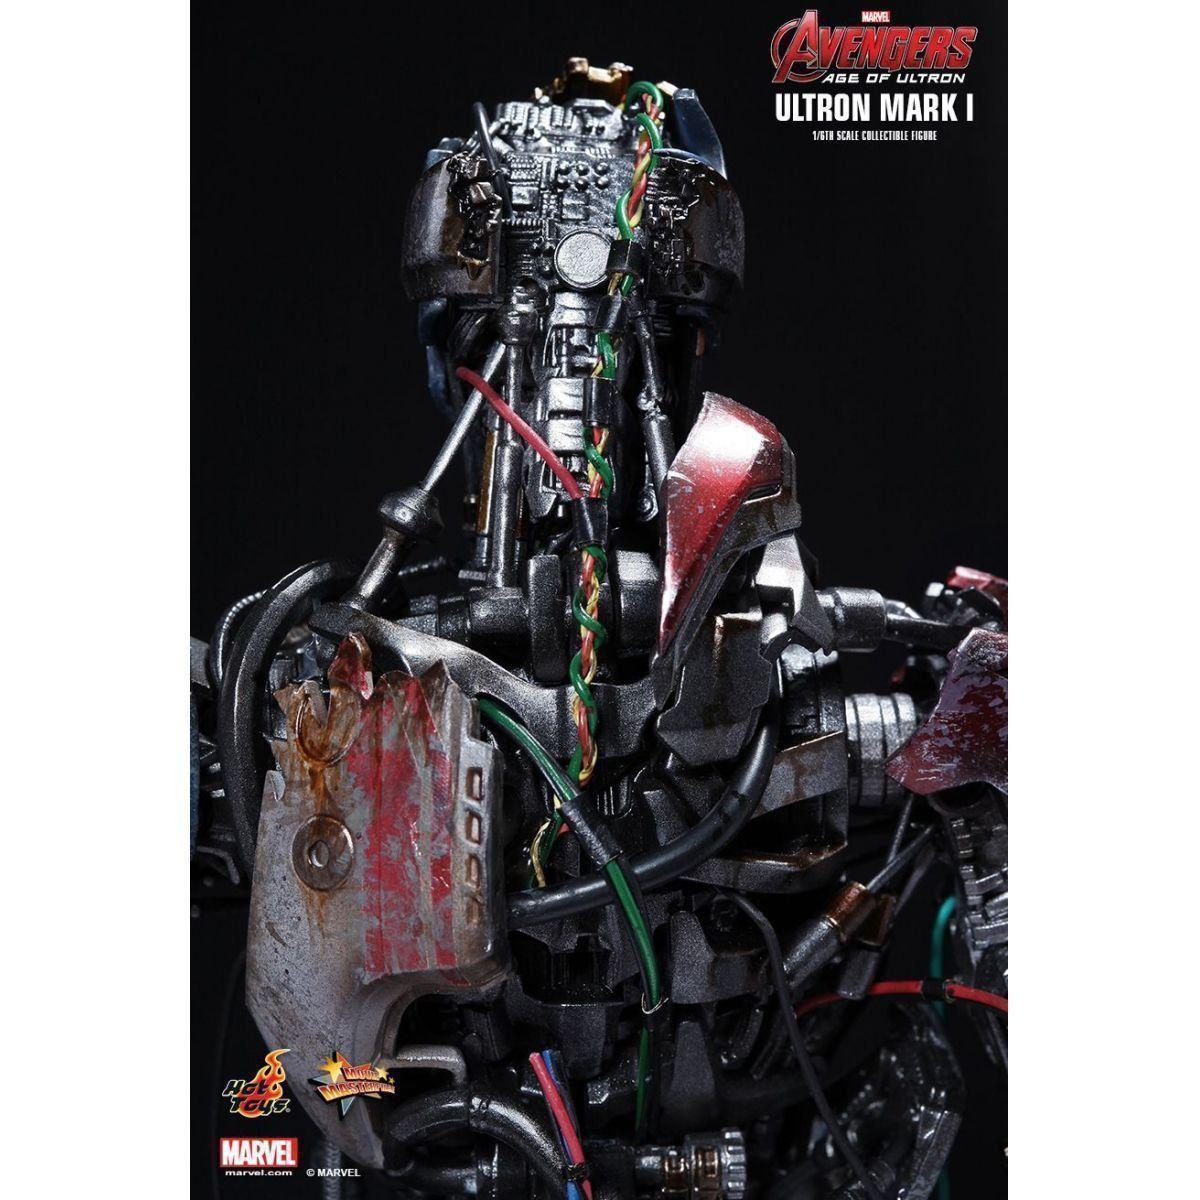 Boneco Ultron Mark I: Vingadores: Era de Ultron Escala 1/6 (MMS292) - Hot Toys - CD